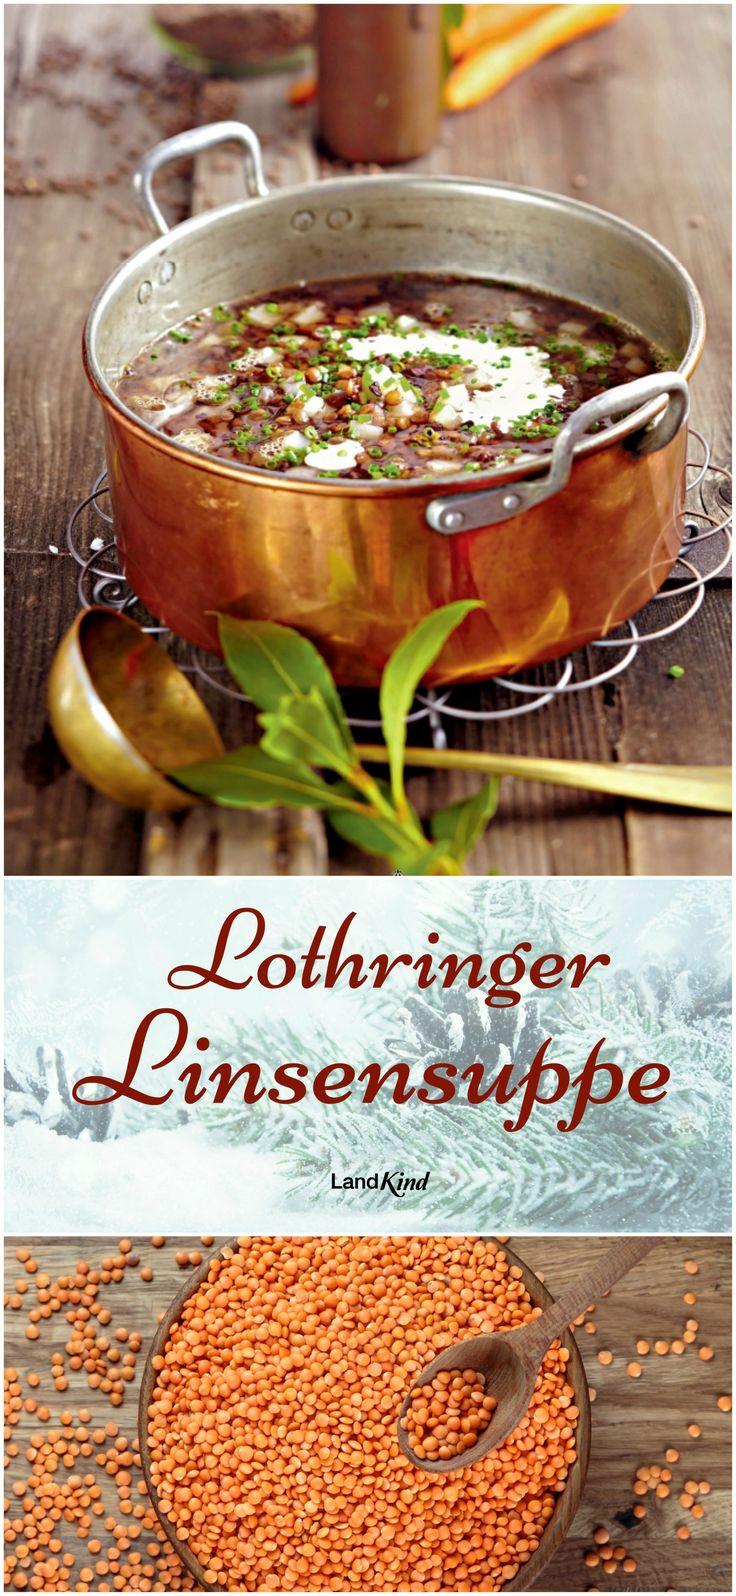 Für die Lothringer Linsensuppe braucht man: 150 g kleine braune Linsen, 80 g geräucherten Speck, 150 g Zwiebeln, 200 g festkochende Kartoffeln, 100 g Karotten, 1 Lorbeerblatt, 1 Gewürznelke, 1,2 l Gemüsebrühe, Salz, Pfeffer, 1/2 TL Zucker, 100 ml Sahne und 1 EL Schnittlauch.  Tipp: Vor dem Servieren je 1 EL saure Sahne als Topping auf die Suppe!